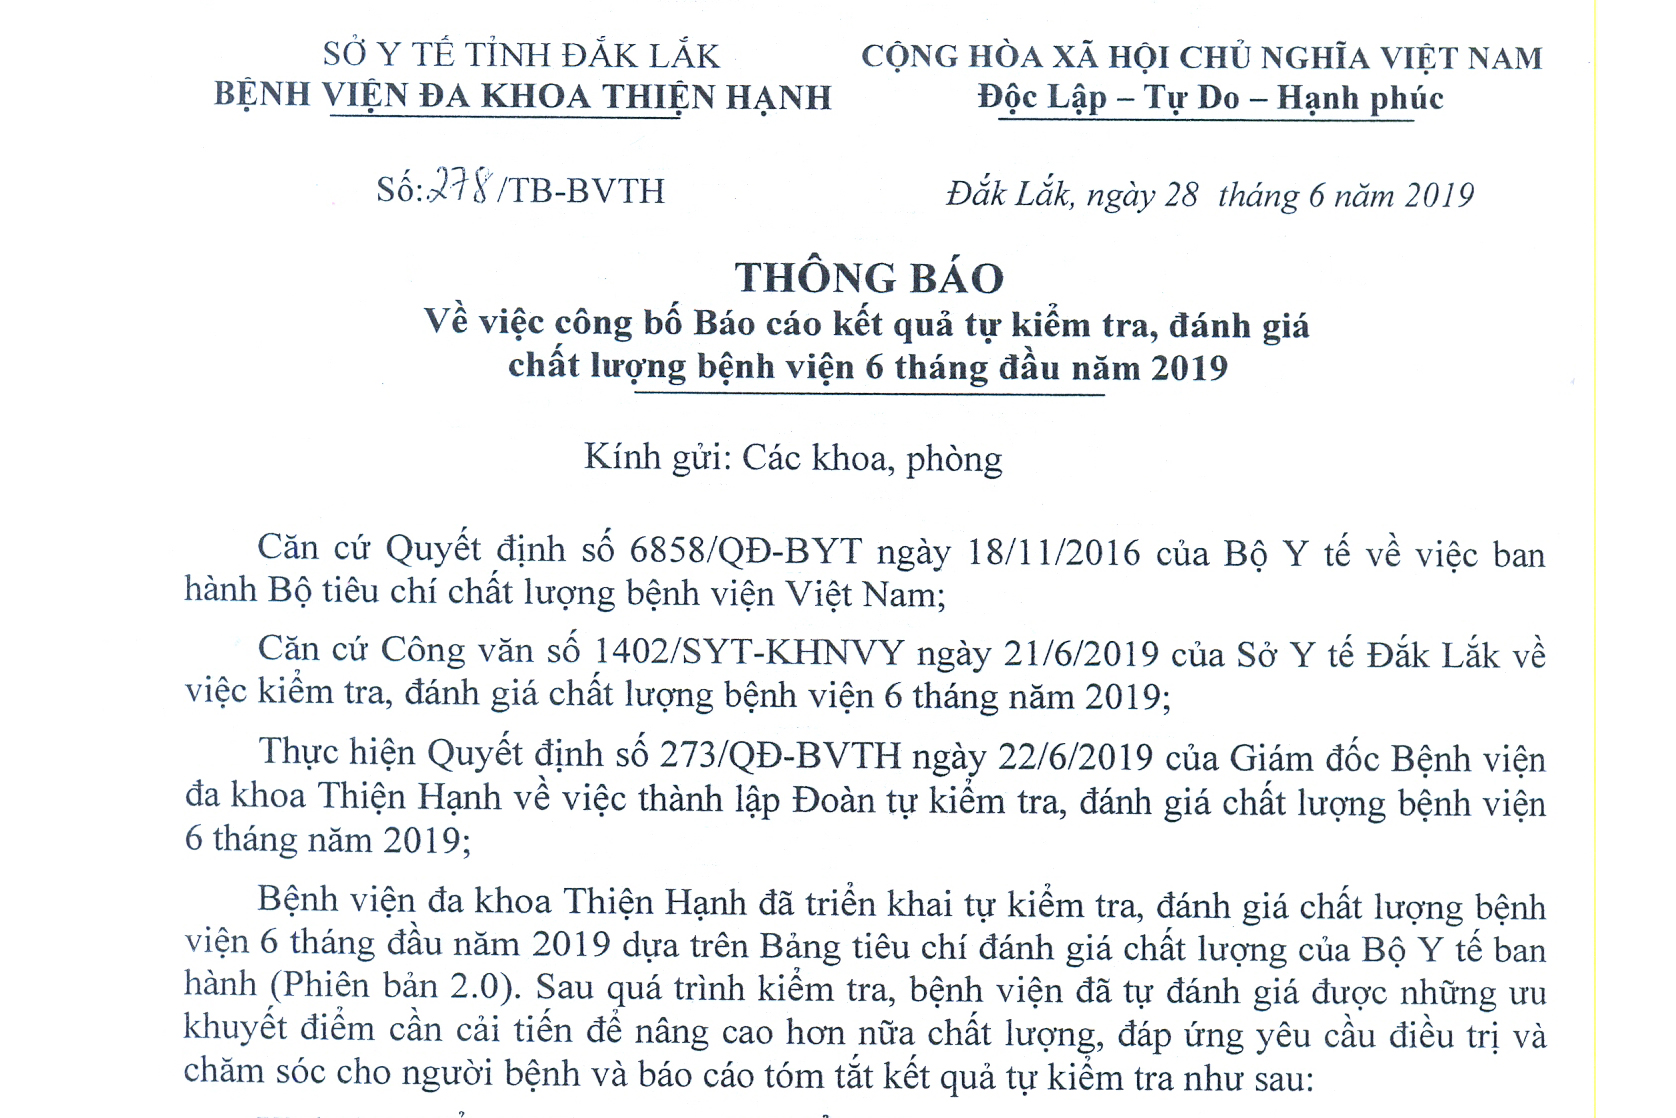 Bệnh Viện Thiện Hạnh Công Bố Báo Cáo Kết Quả Tự Kiểm Tra, đánh Giá Chất Lượng Bệnh Viện 6 Tháng đầu Năm 2019